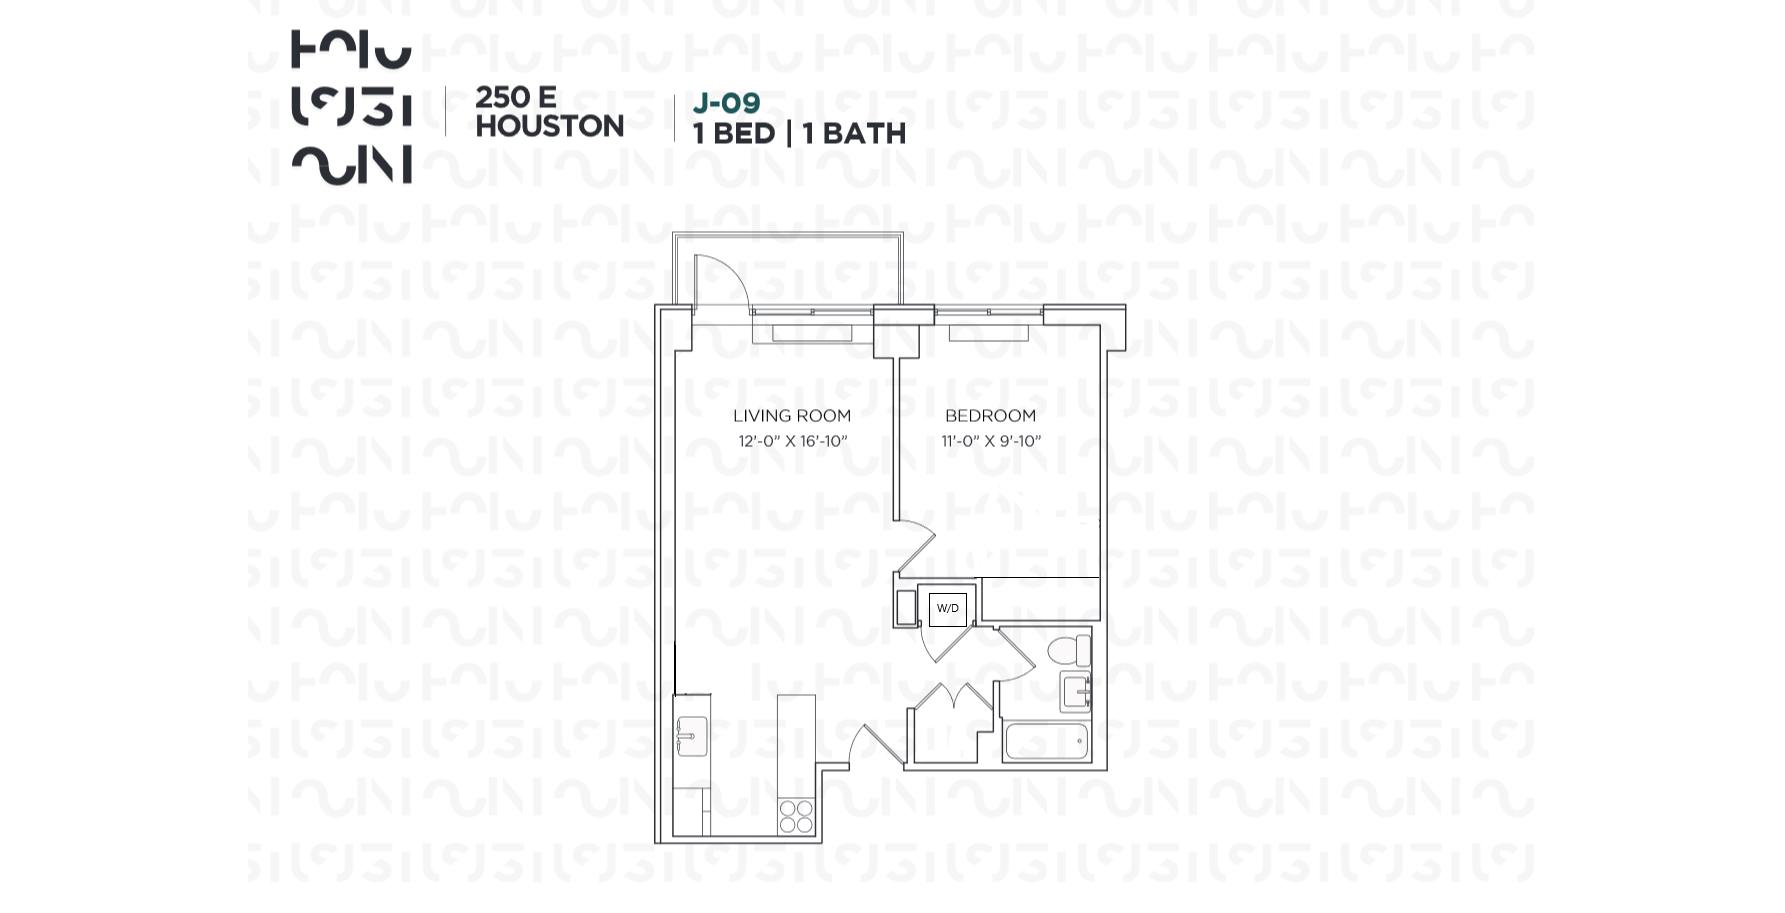 Floor plan for 5J